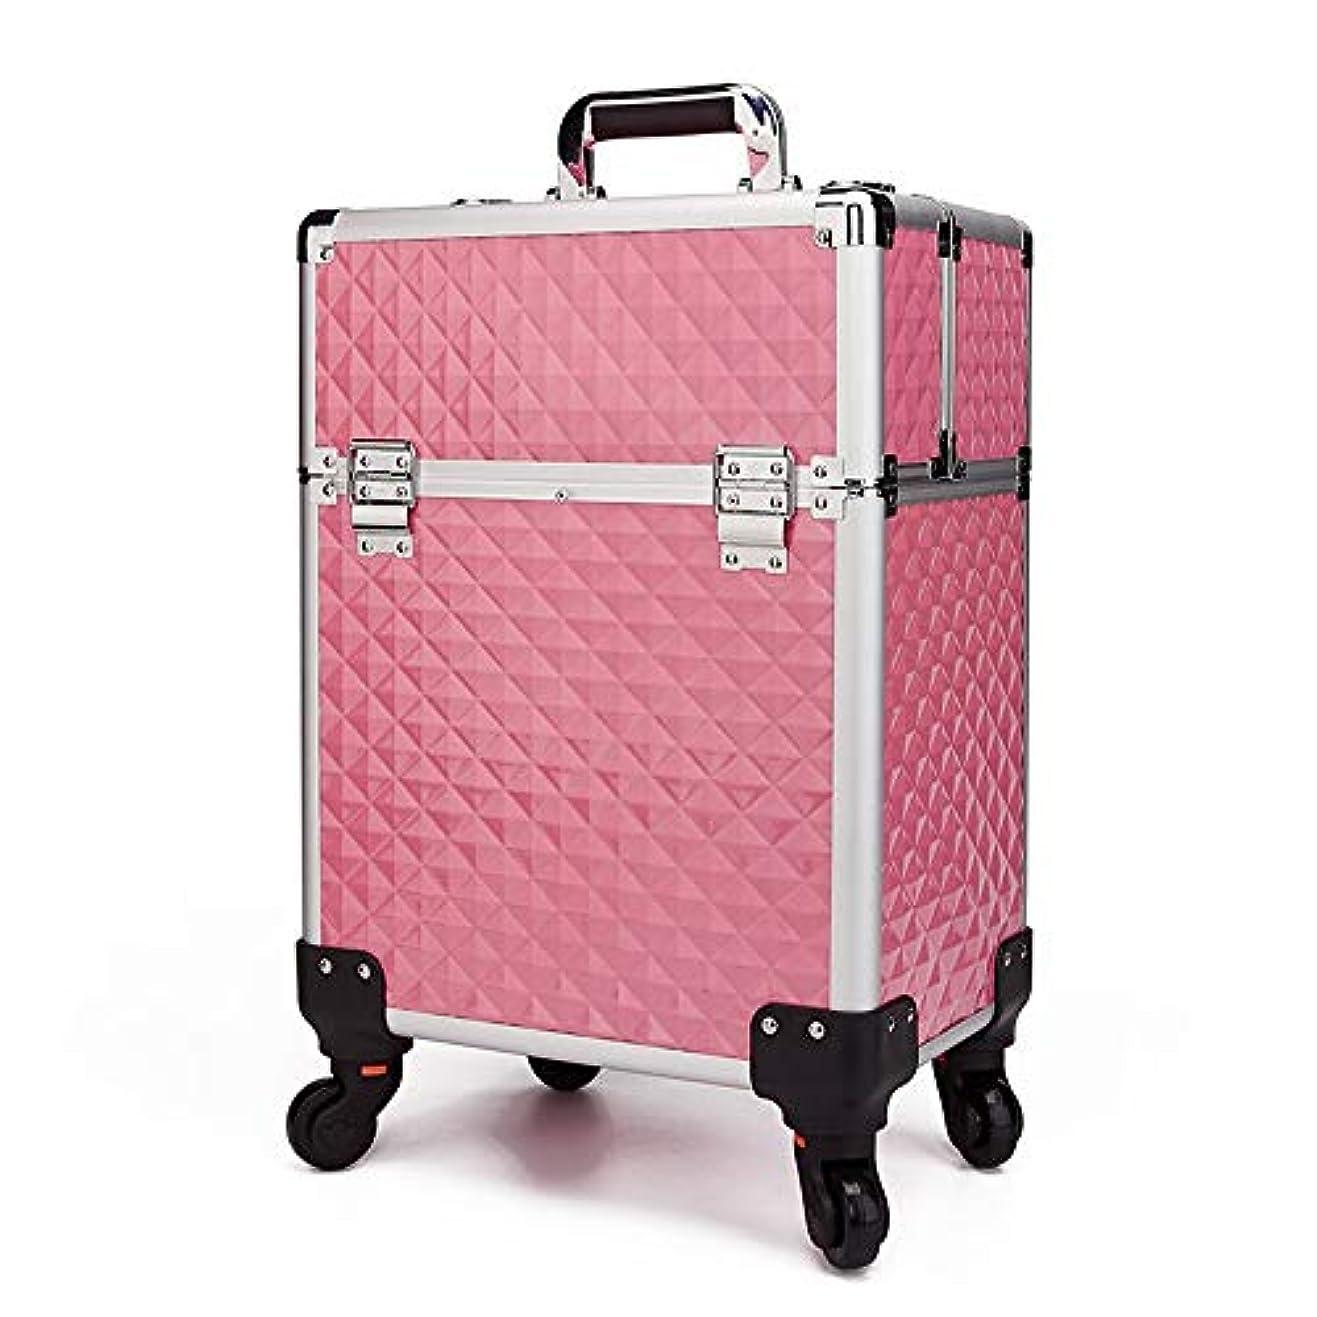 信じられないホップ浴室特大スペース収納ビューティーボックス 女の子の女性旅行のための新しく、実用的な携帯用化粧箱およびロックおよび皿が付いている毎日の貯蔵 化粧品化粧台 (色 : ピンク)